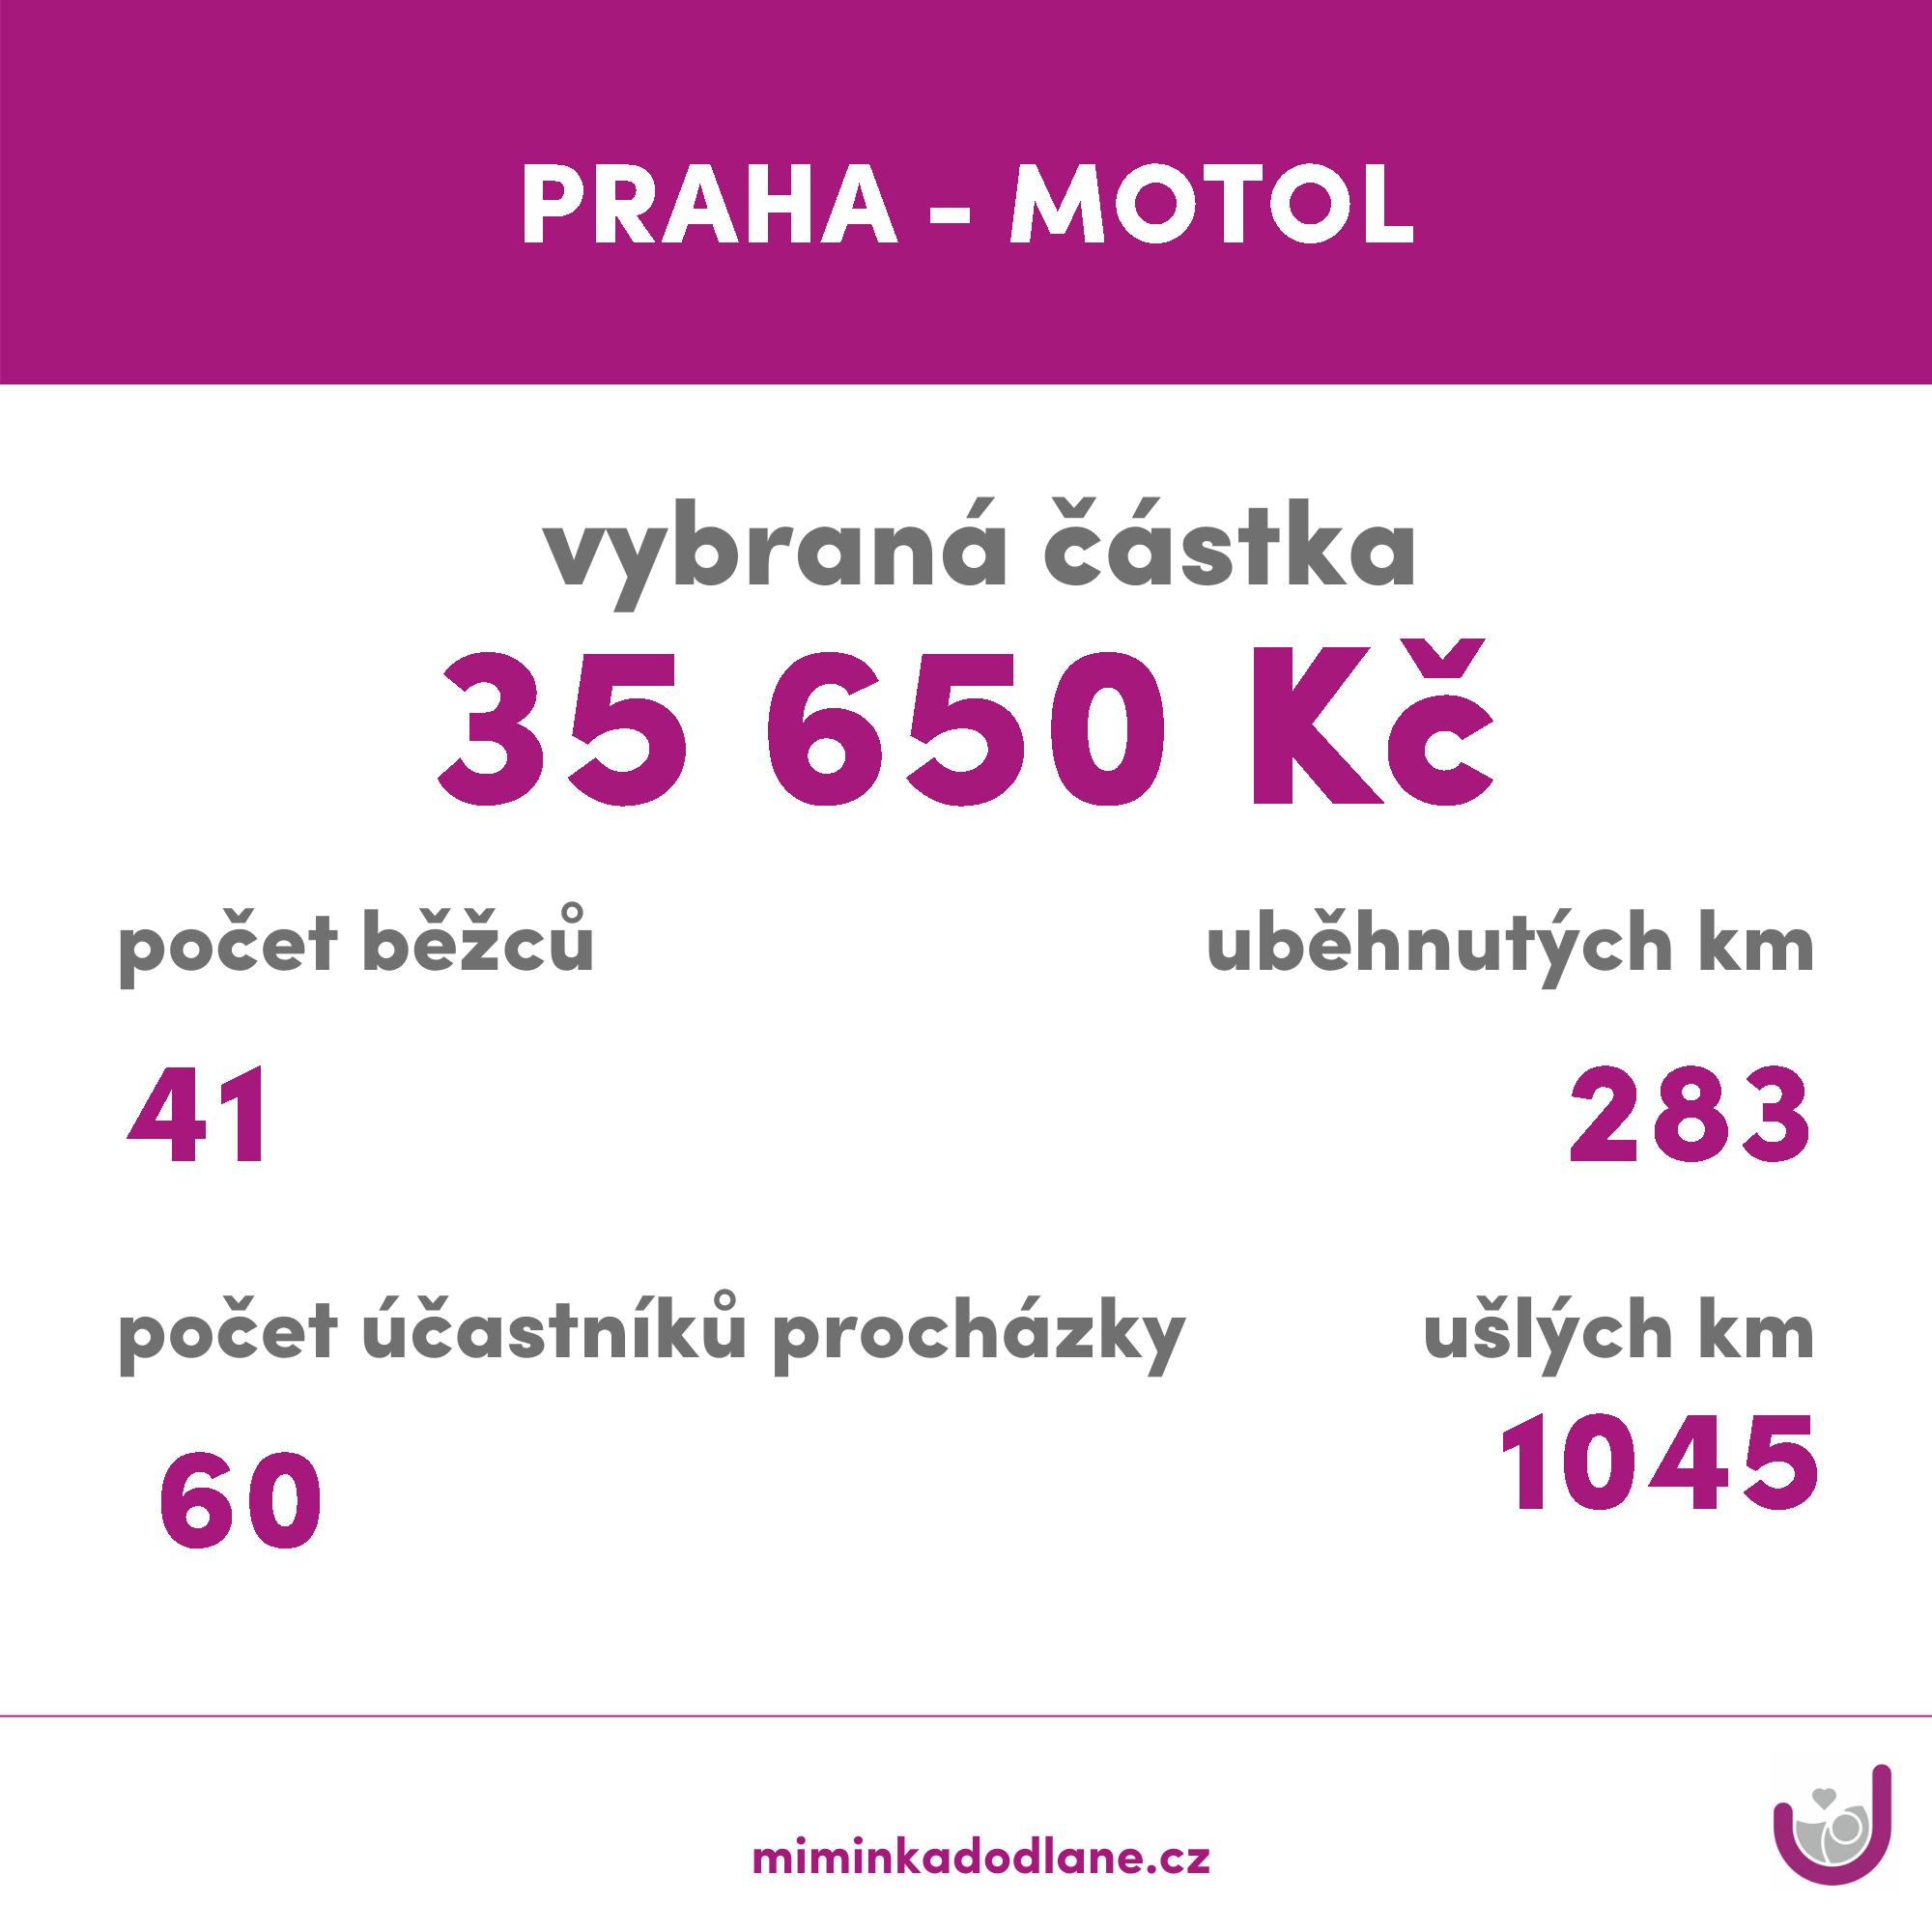 PRAHA - MOTOL